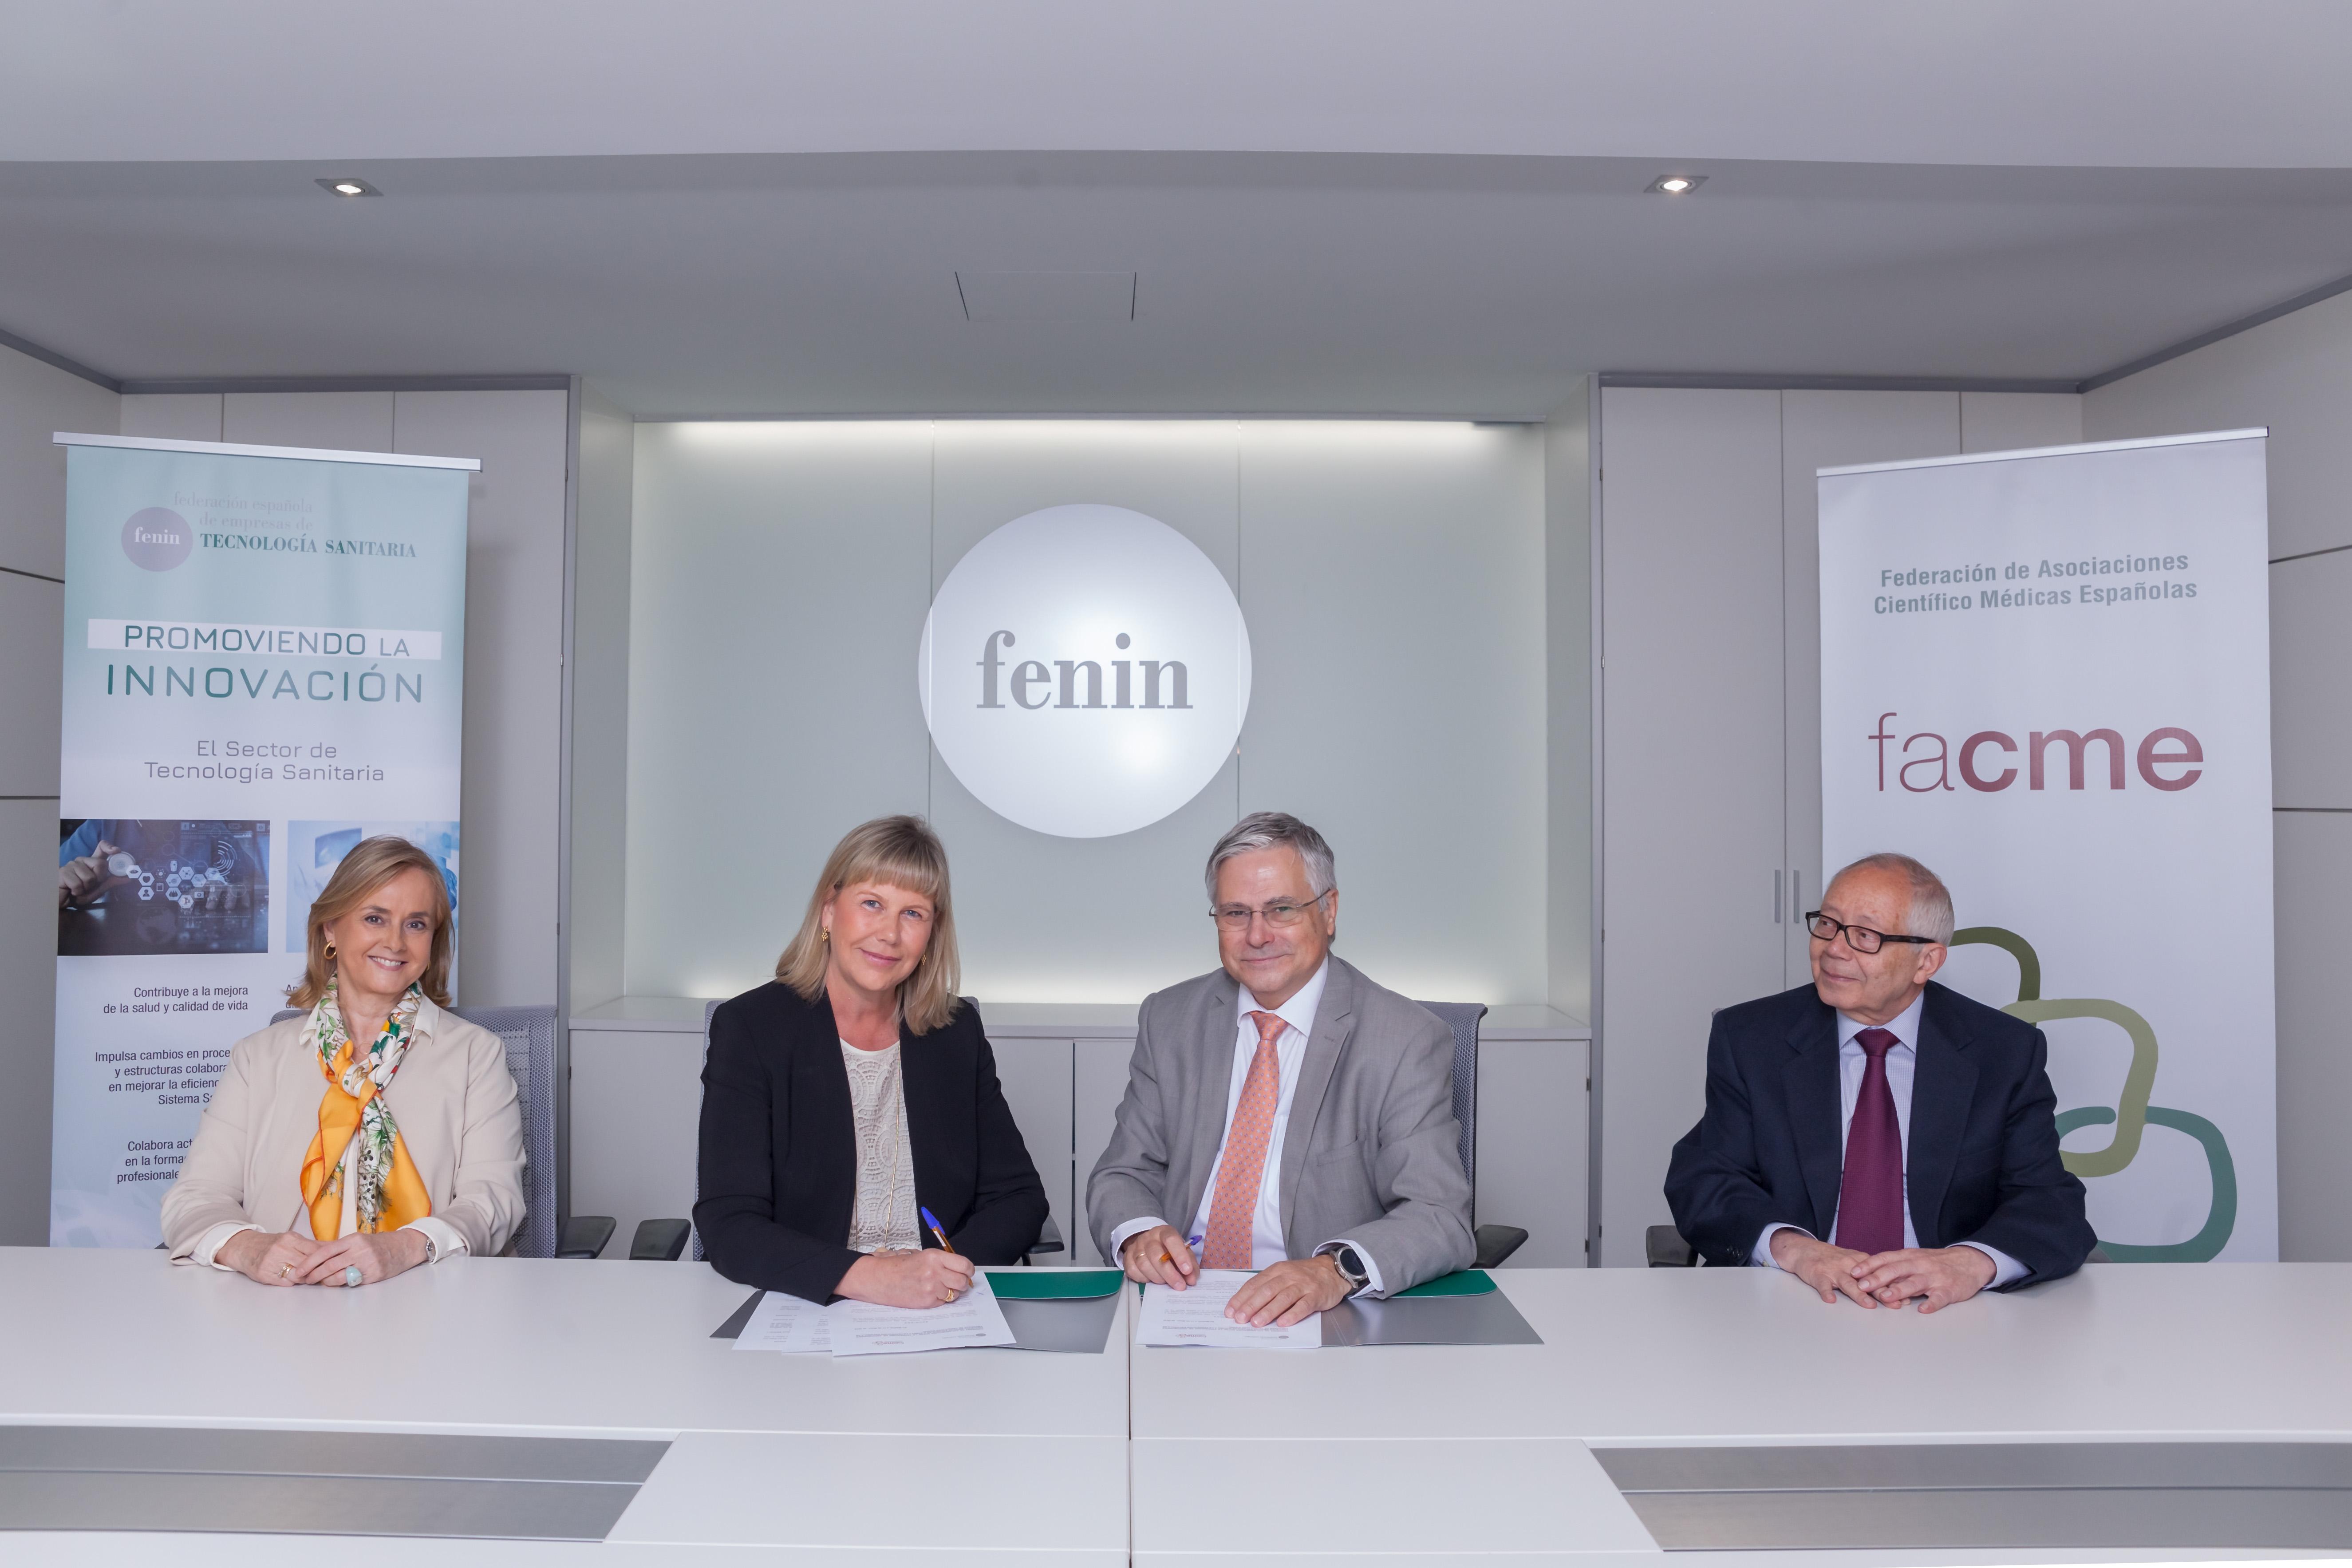 Fenin y FACME firman una alianza para impulsar proyectos que mejoren la sostenibilidad del sistema sanitario